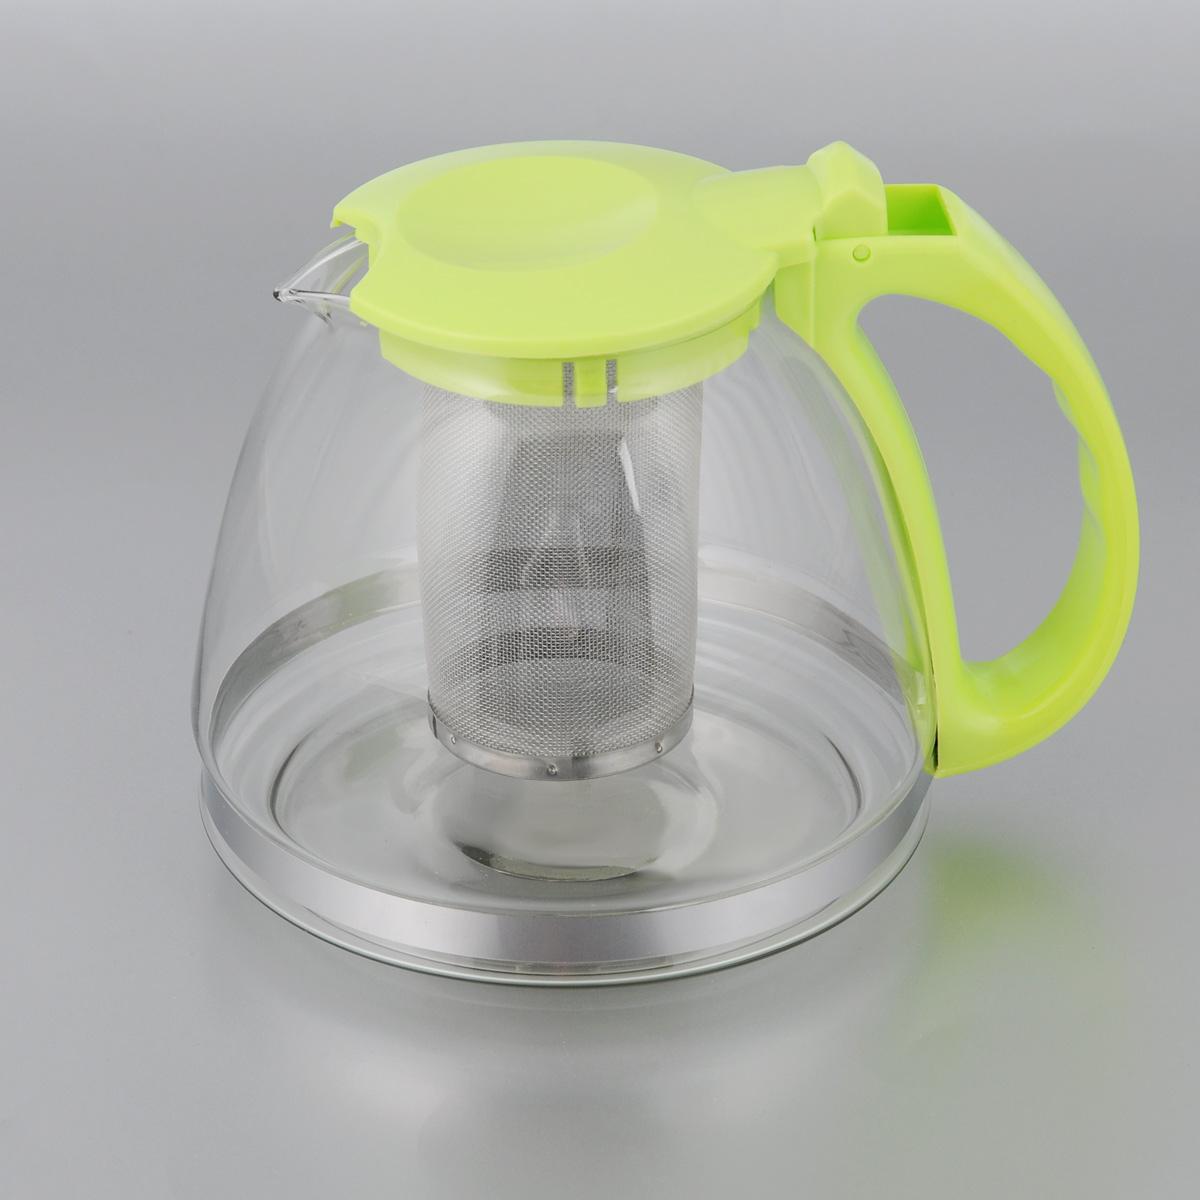 Чайник заварочный МФК-профит, с фильтром, цвет: светло-зеленый, 1,3 лMFK01061Заварочный чайник МФК-профит, изготовленный из термостойкого стекла и полипропилена, предоставит вам все необходимые возможности для успешного заваривания чая. Чай в таком чайнике дольше остается горячим, а полезные и ароматические вещества полностью сохраняются в напитке. Чайник оснащен фильтром, который выполнен из нержавеющей стали. Простой и удобный чайник поможет вам приготовить крепкий, ароматный чай.Нельзя мыть в посудомоечной машине. Не использовать в микроволновой печи.Диаметр чайника (по верхнему краю): 7,5 см.Высота чайника (без учета крышки): 13 см.Высота фильтра: 10 см.